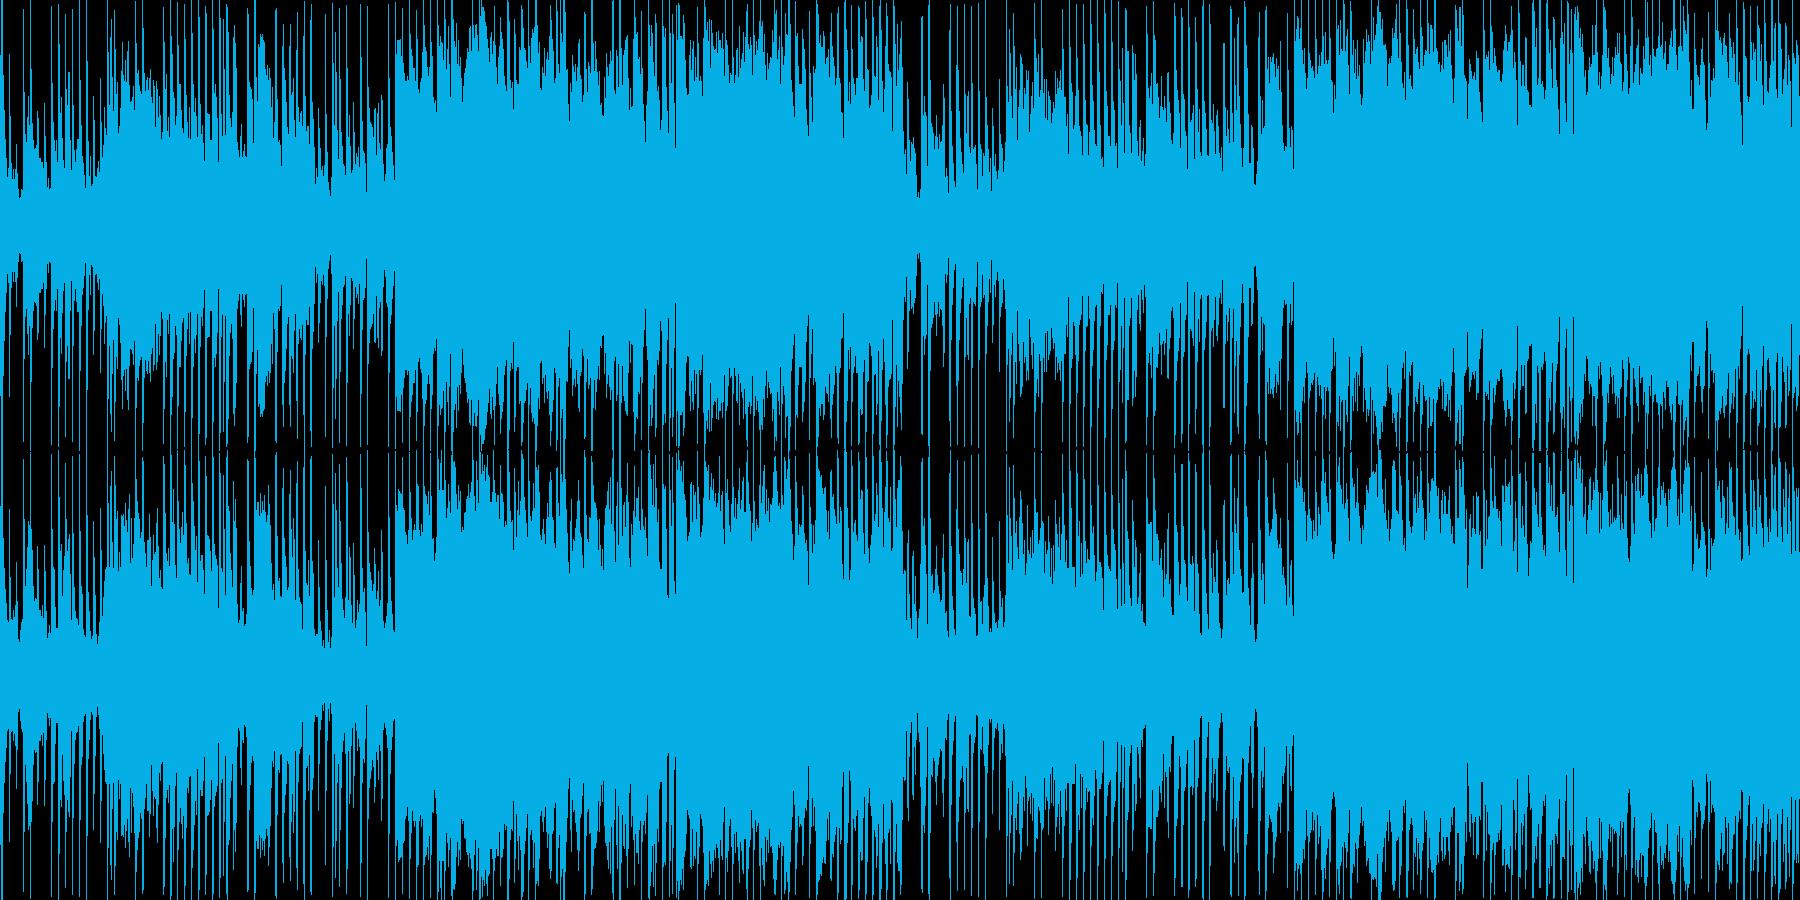 ダブステップのワブルベースを用いたBGMの再生済みの波形